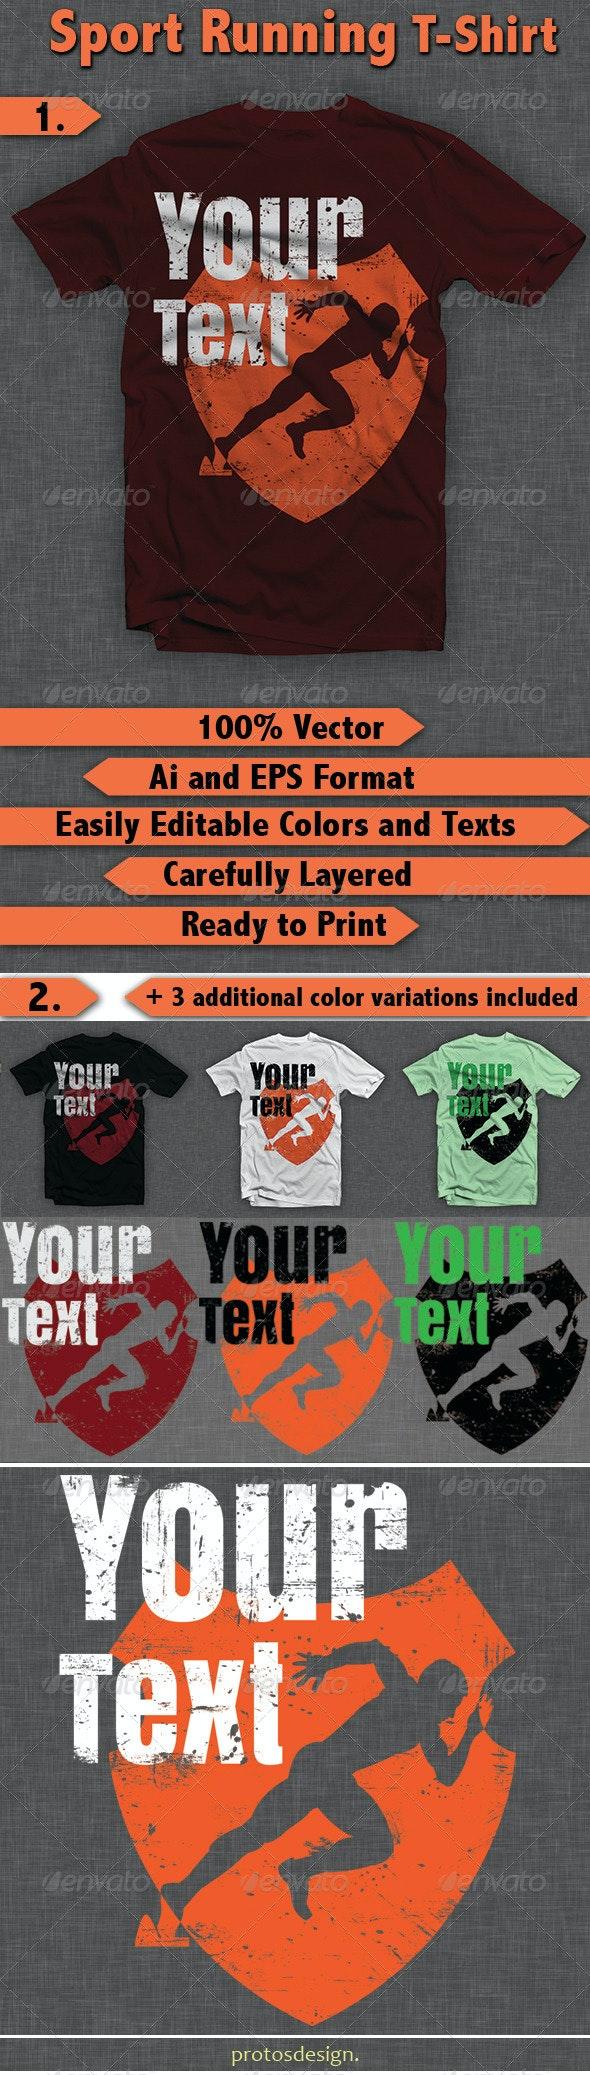 Sport Running T-Shirt - T-Shirts